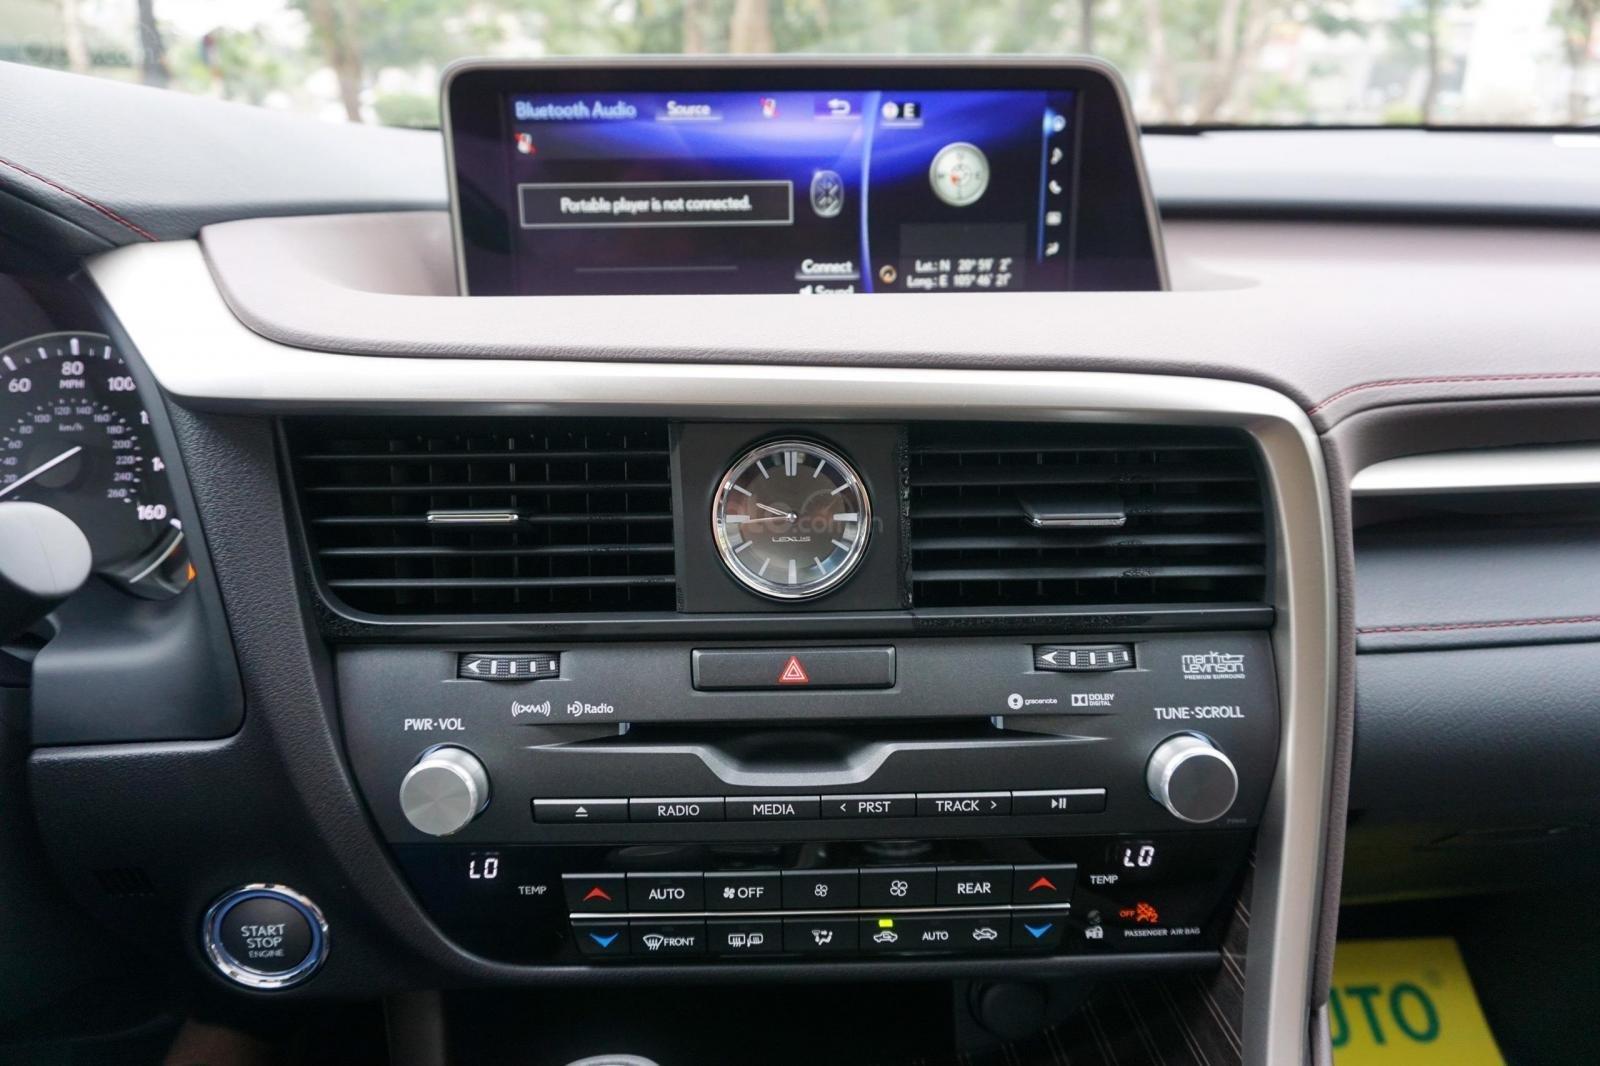 Bán ô tô Lexus RX 350 SX 2019, xe nhập Mỹ full kịch options, giá tốt, giao ngay toàn quốc, LH 093.996.2368 Ms Ngọc Vy (24)